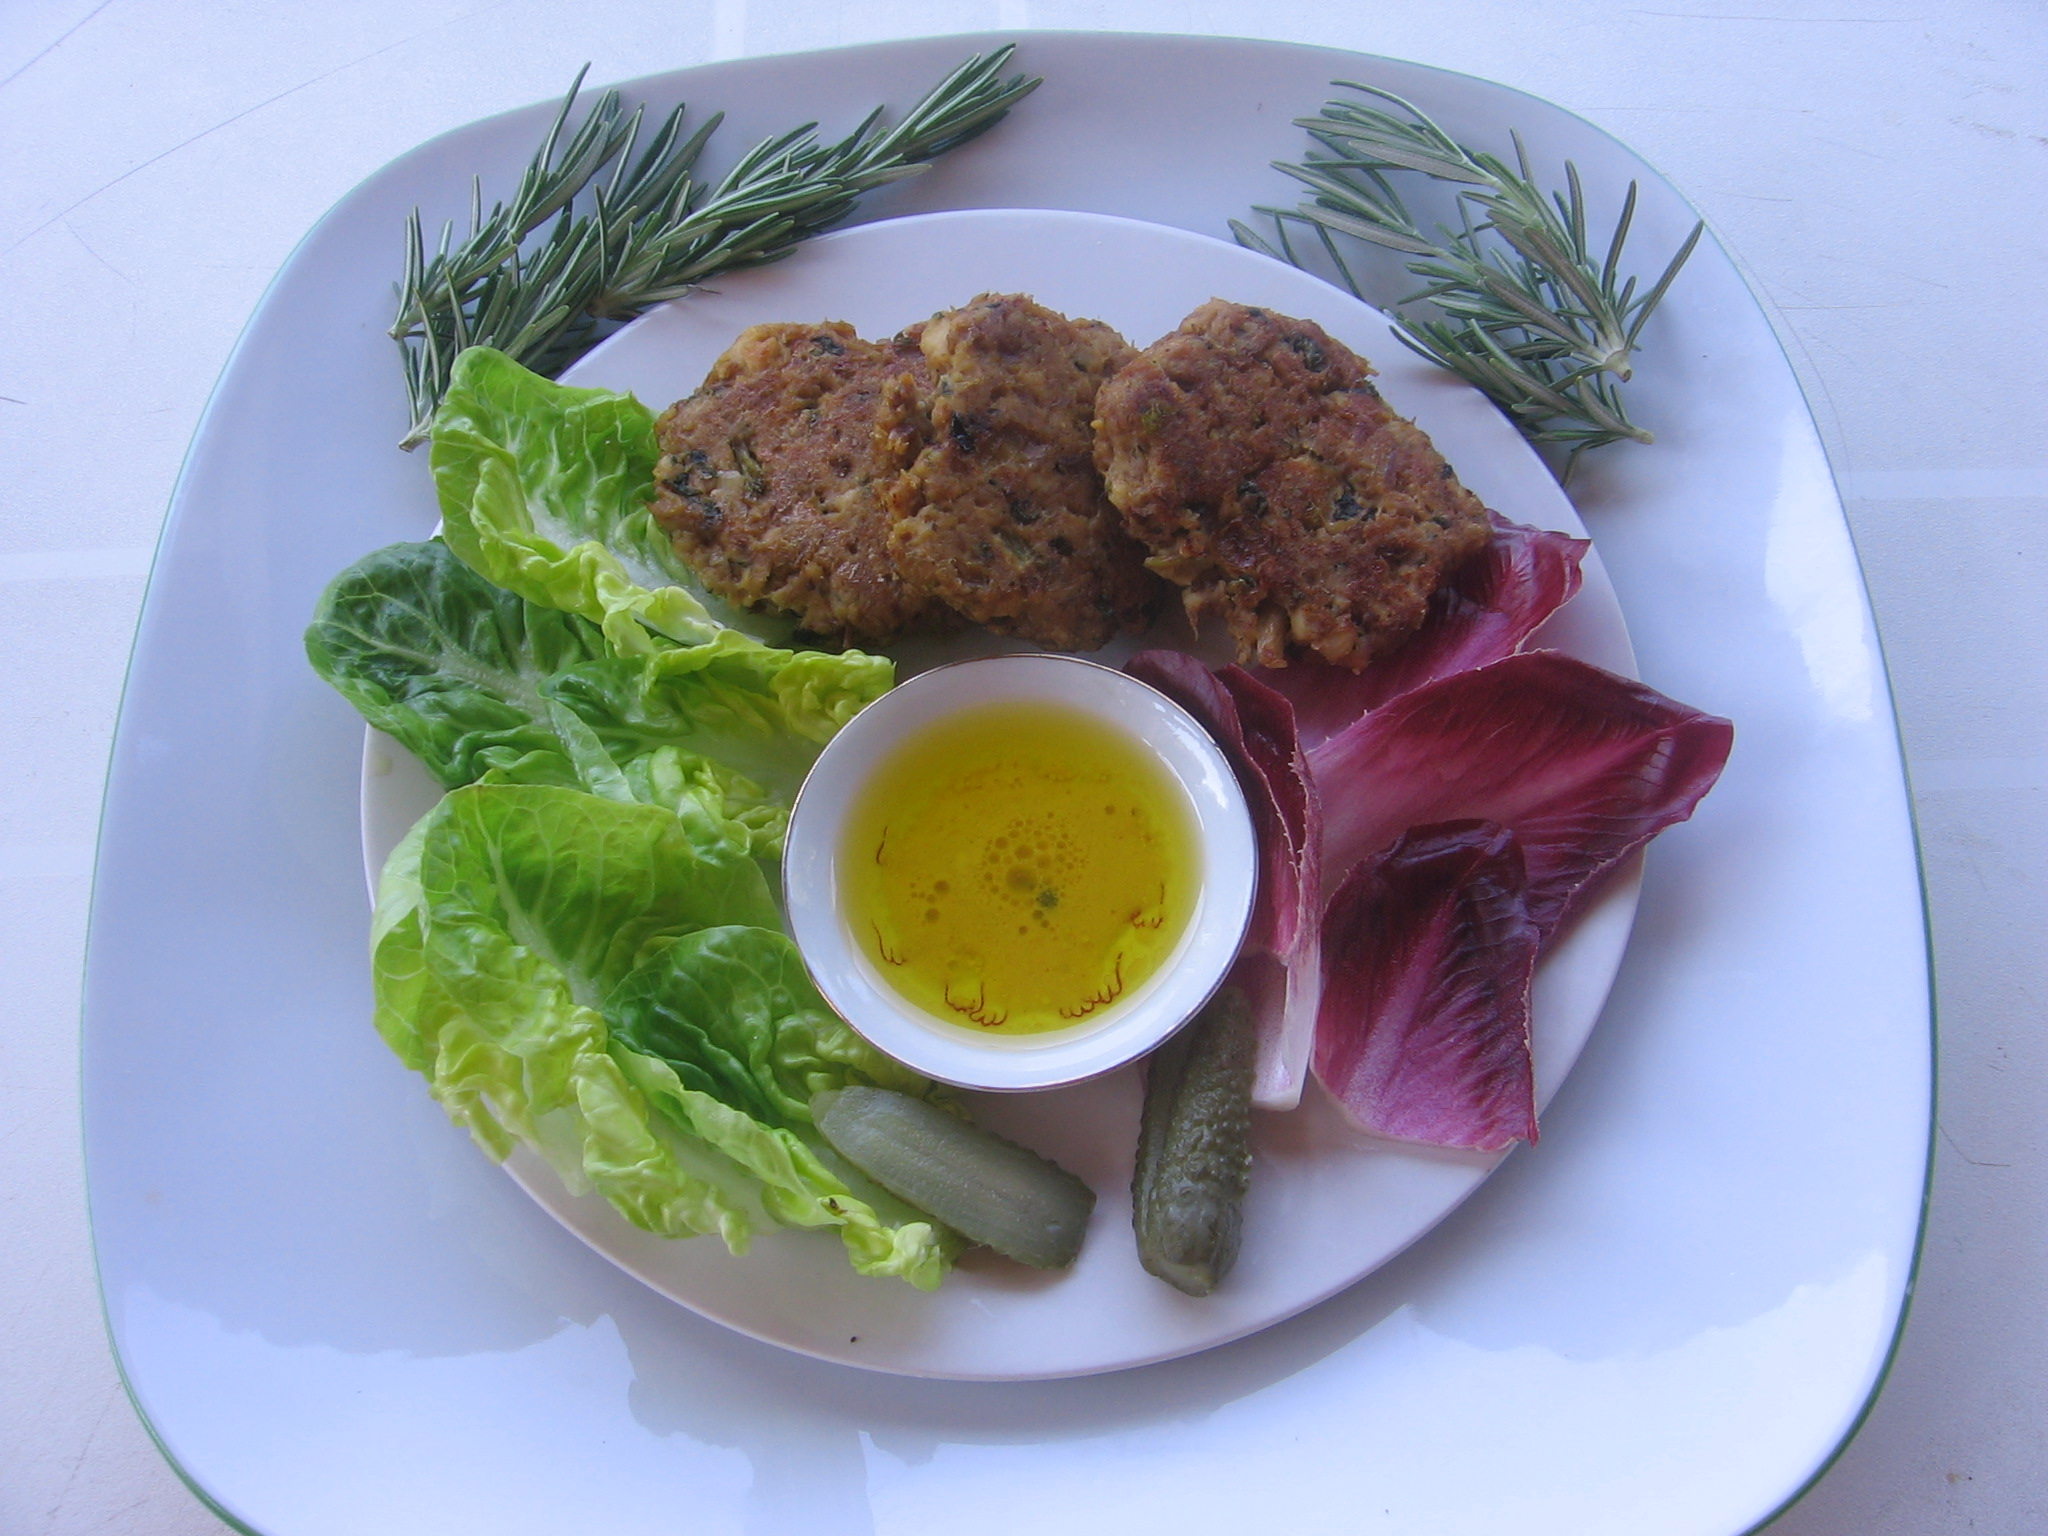 Croquettes de poulet et leur petite salade gourmande